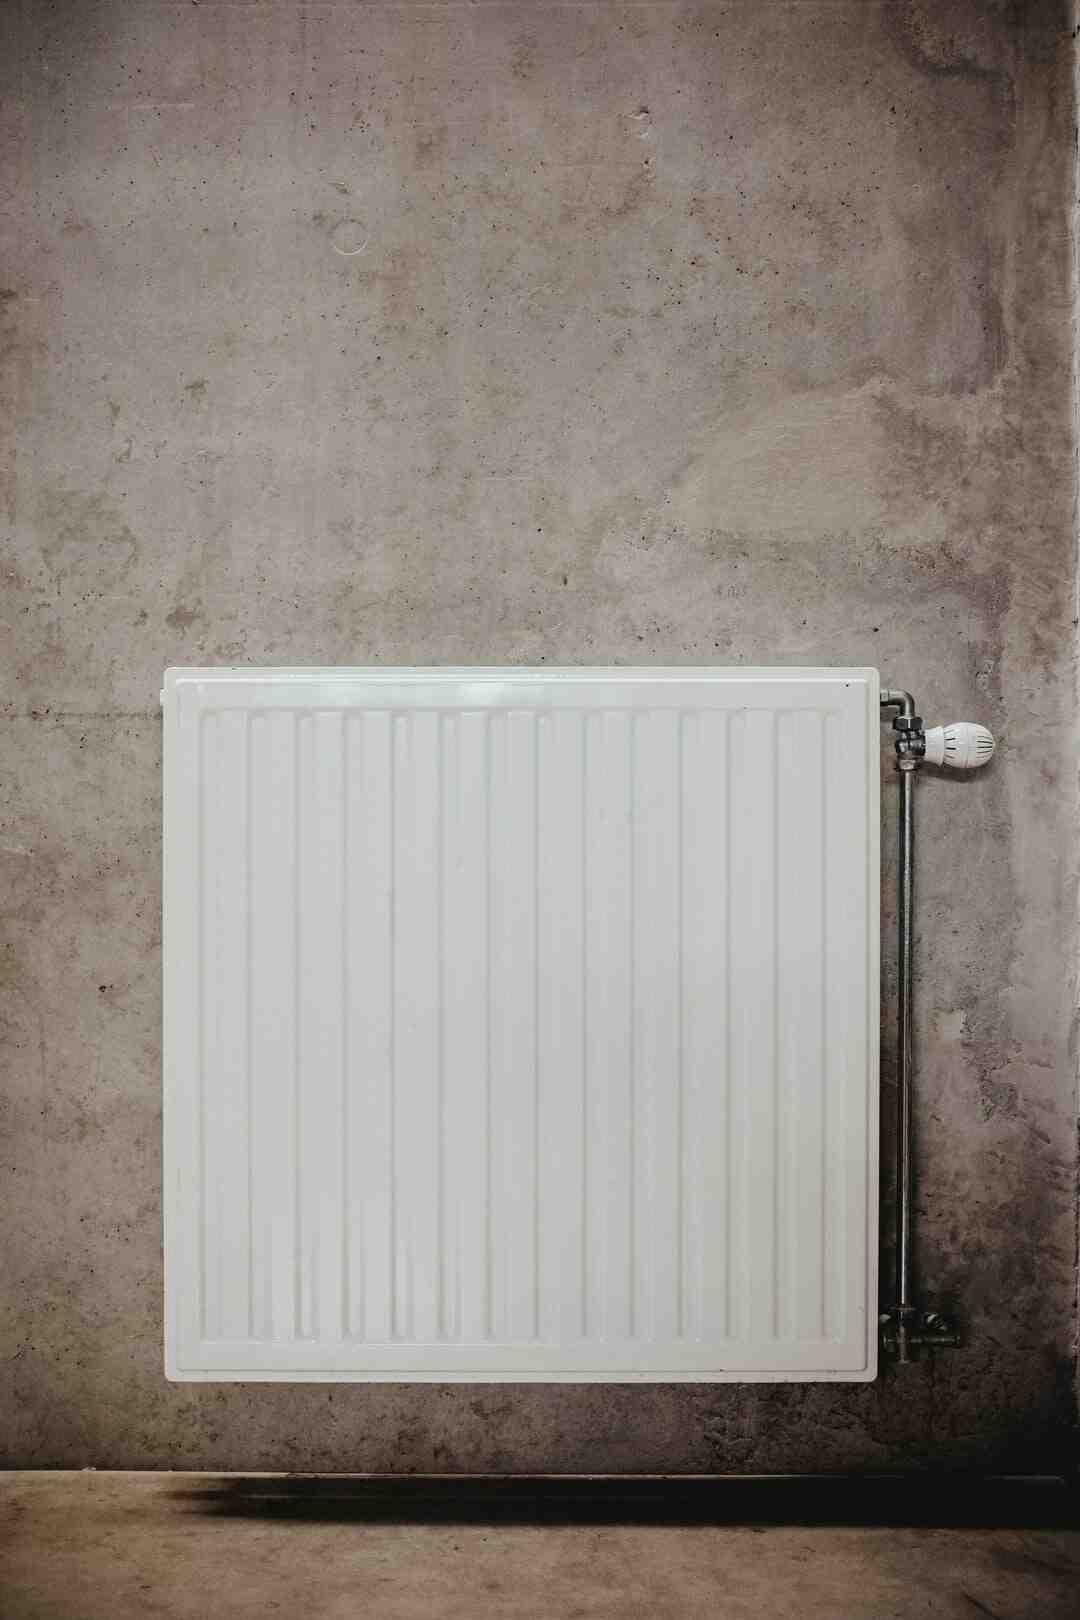 Comment enlever un radiateur électrique Tresco ?